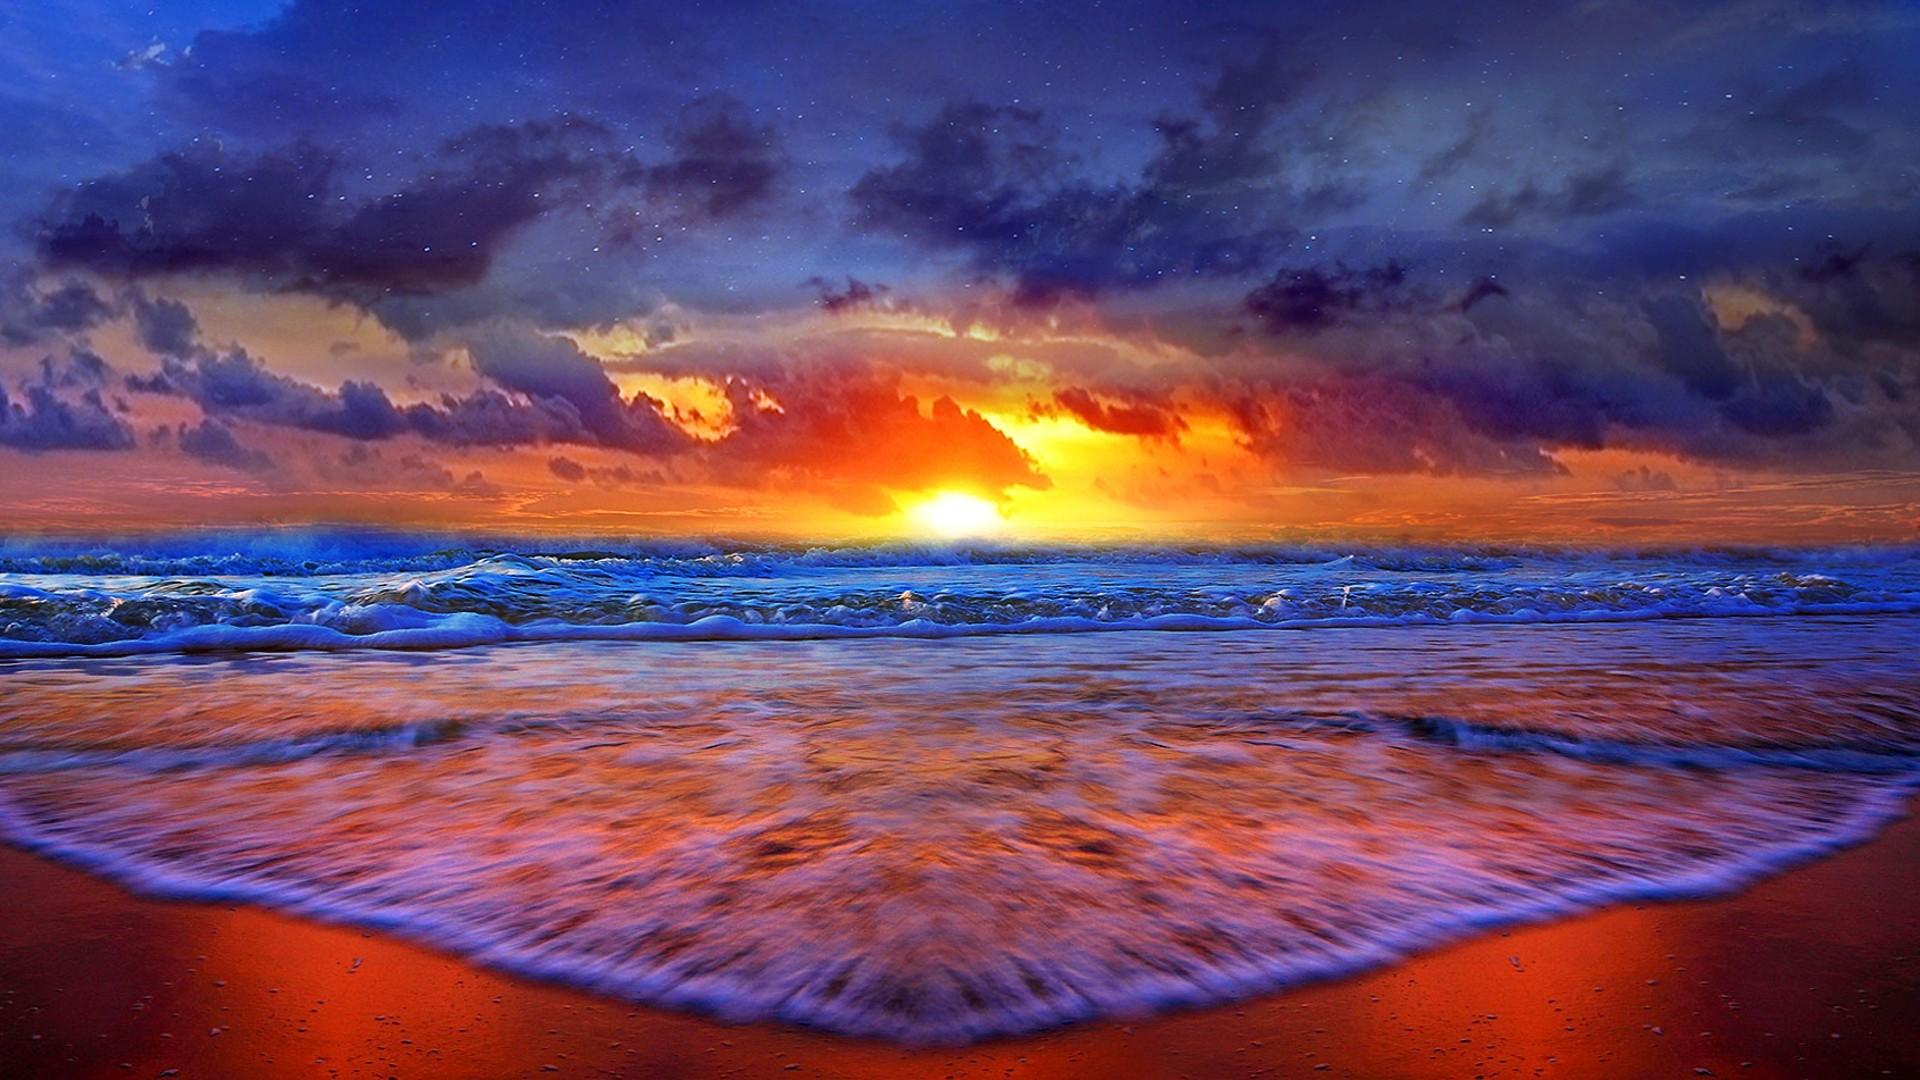 Cool Beach Wallpaper: Sunset Beach Backgrounds ·① WallpaperTag